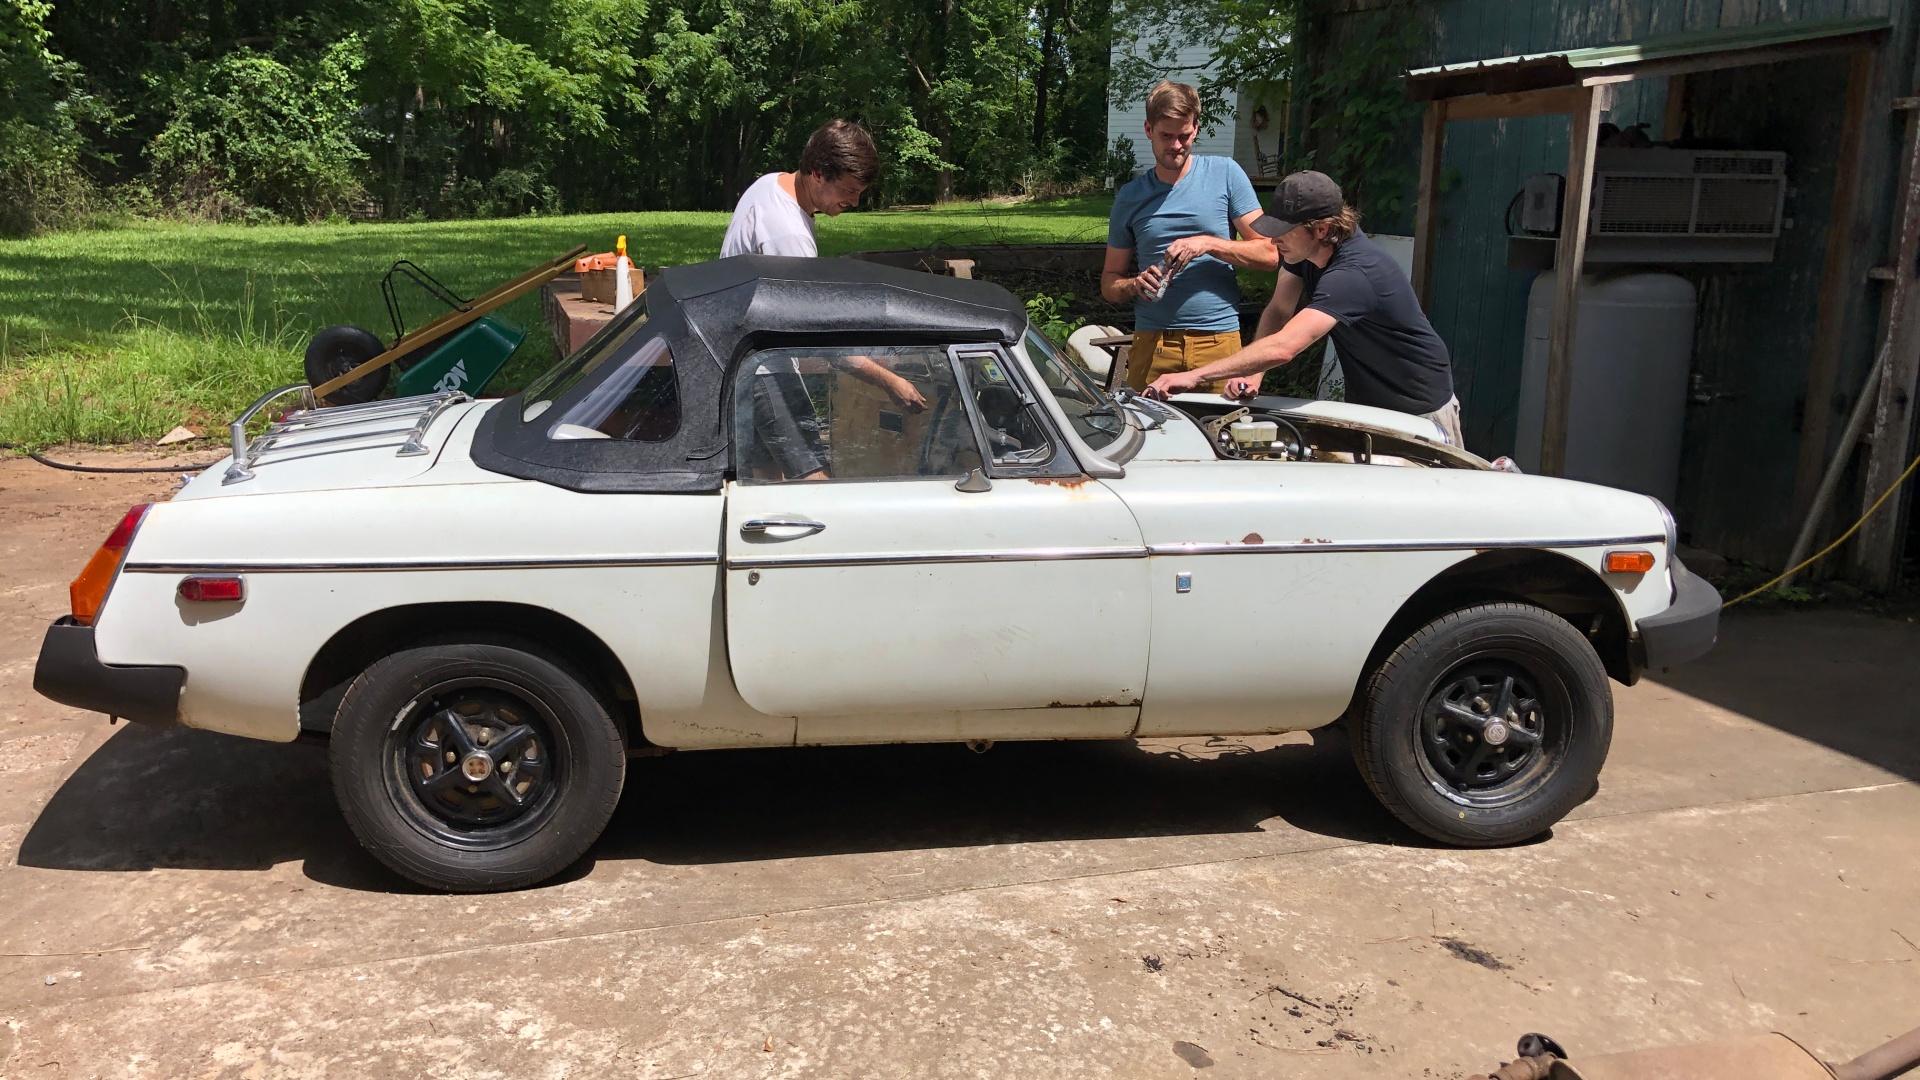 MG MGB classic sports car